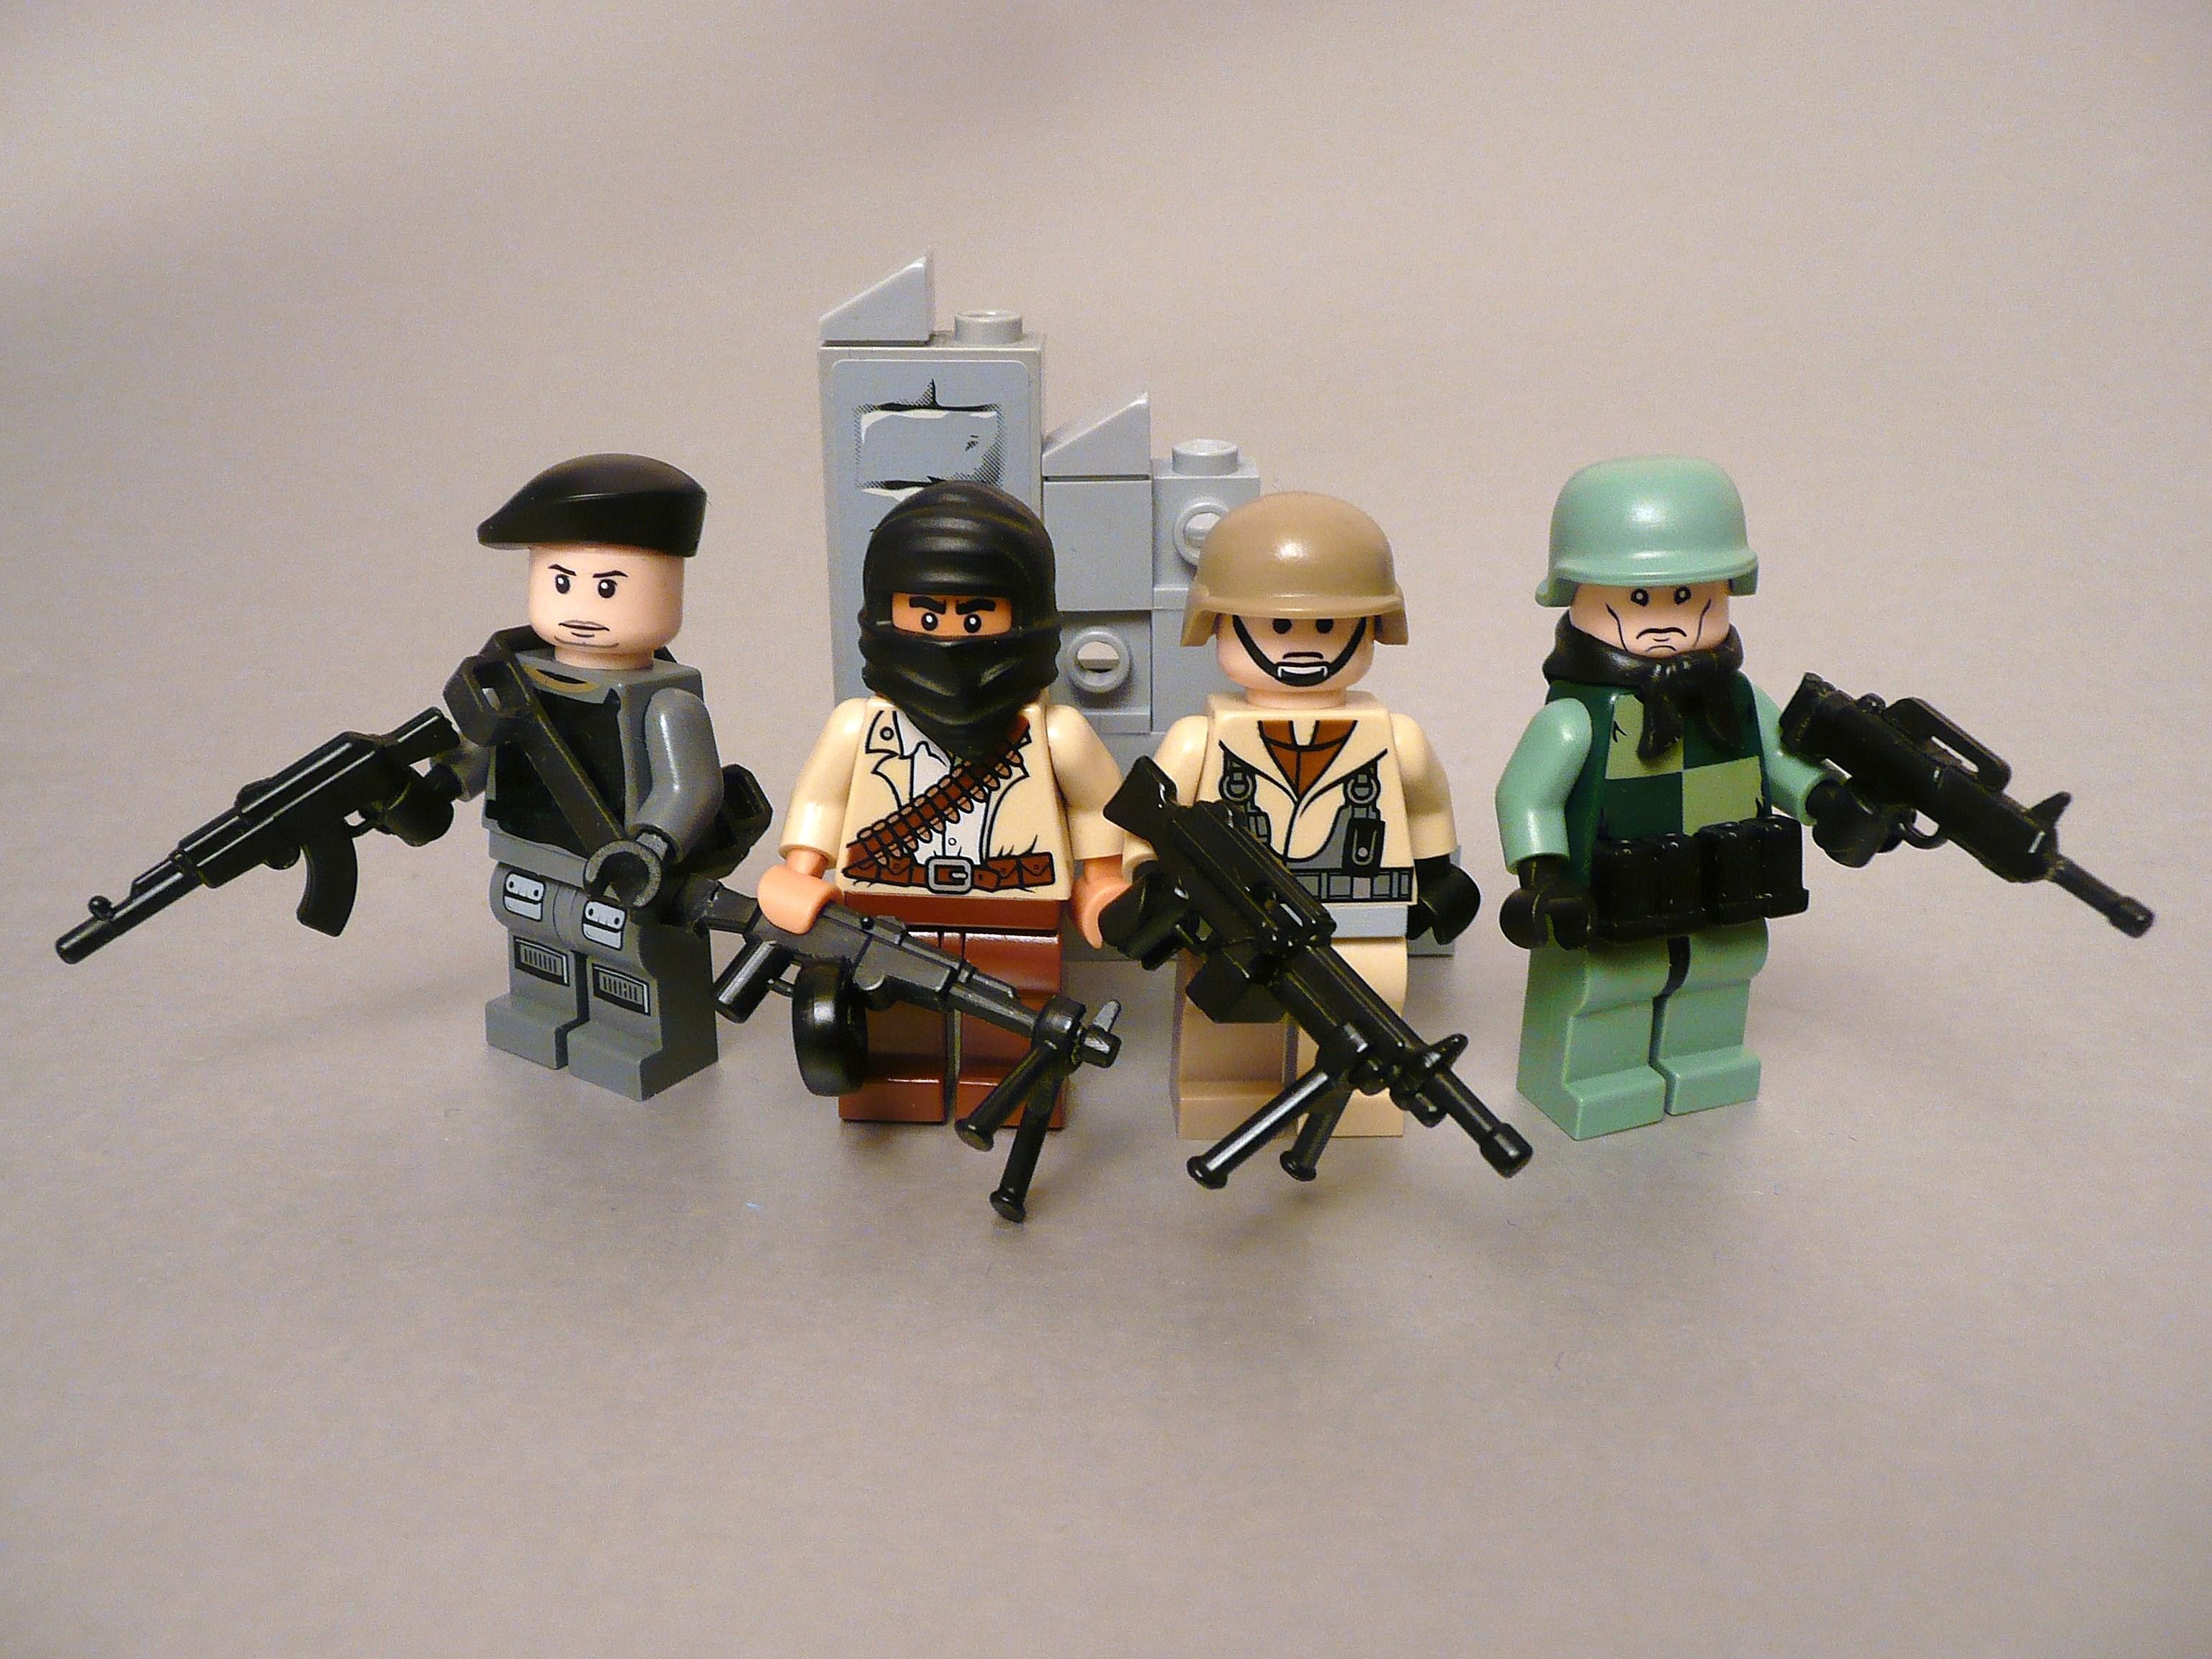 Wallpaper Modern Rebel Us Call Gun LEGO Duty Rifle Chinese Machine Ak Terrorist Assault Communist American Guns Ba Russian Libya 74